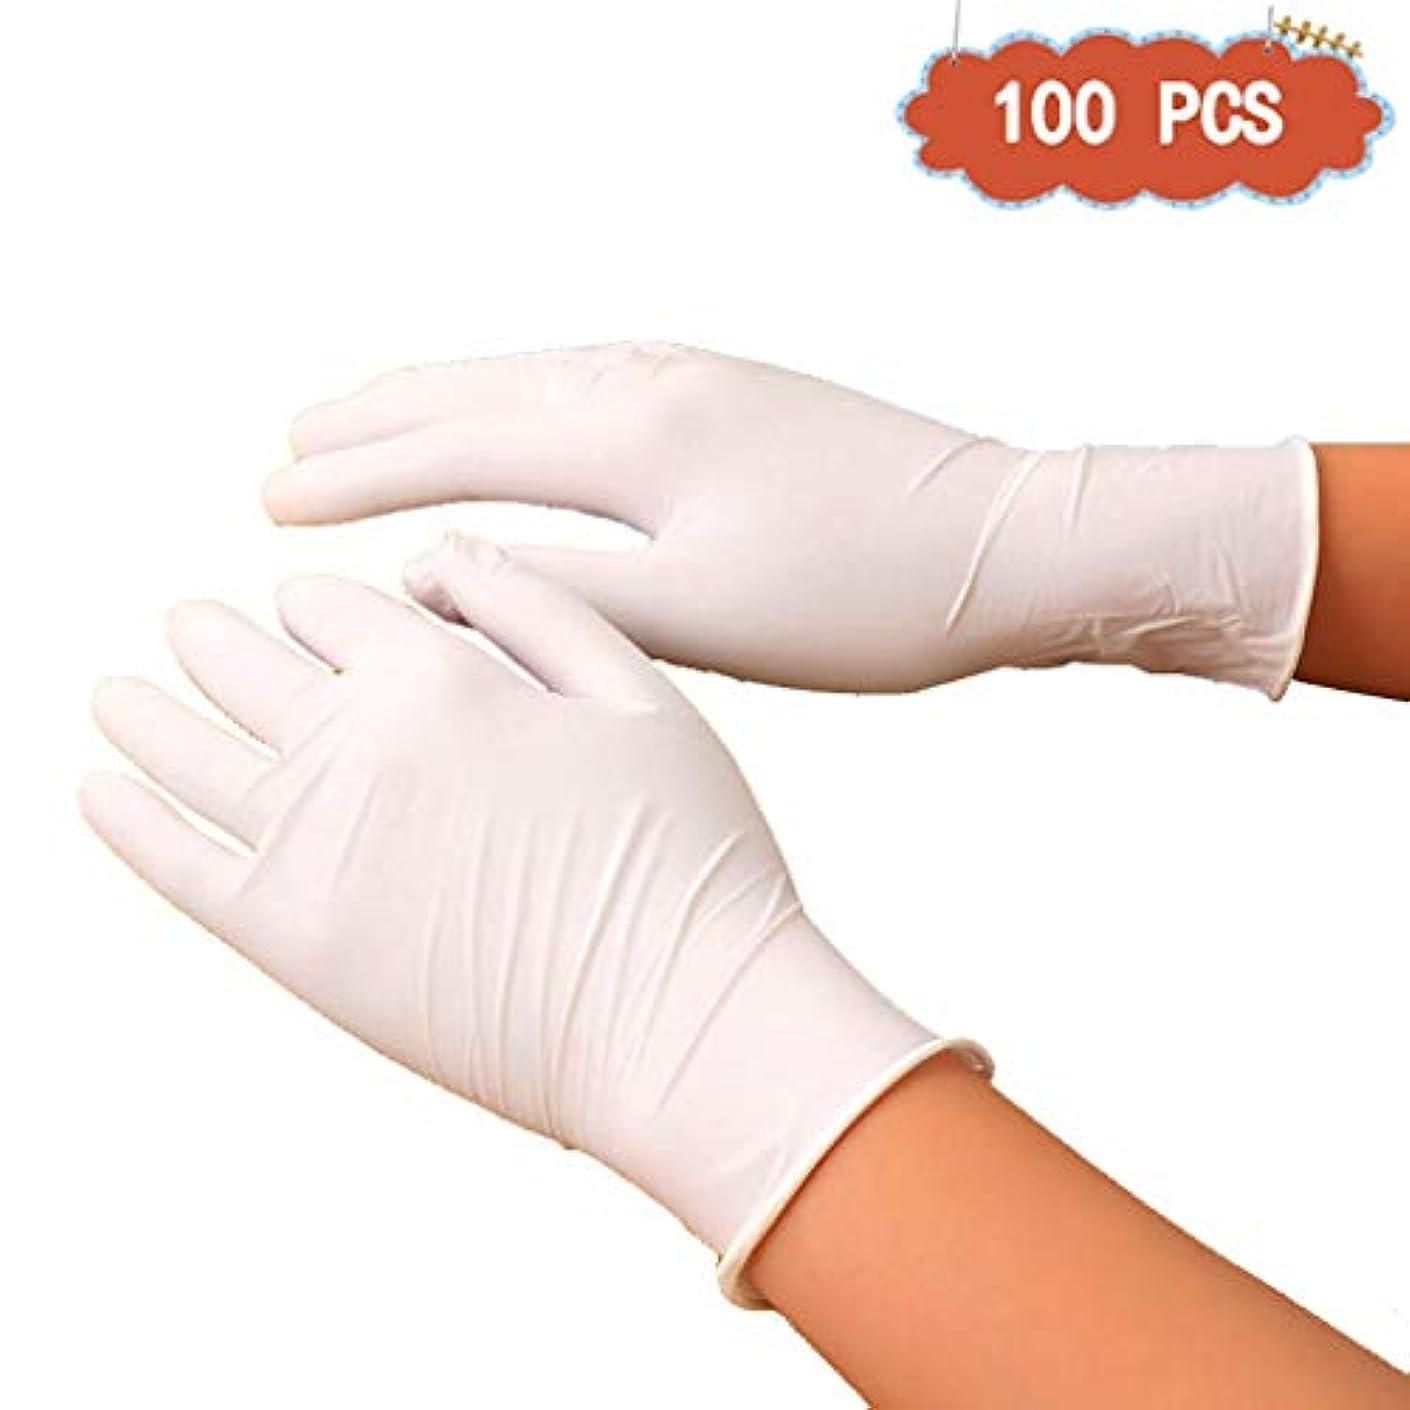 回復する機械的気怠いニトリルホームクリーニングと酸とアルカリ使い捨て手袋ペットケアネイルアート検査保護実験、美容院ラテックスフリー、パウダーフリー、両手利き、100個 (Color : White, Size : M)